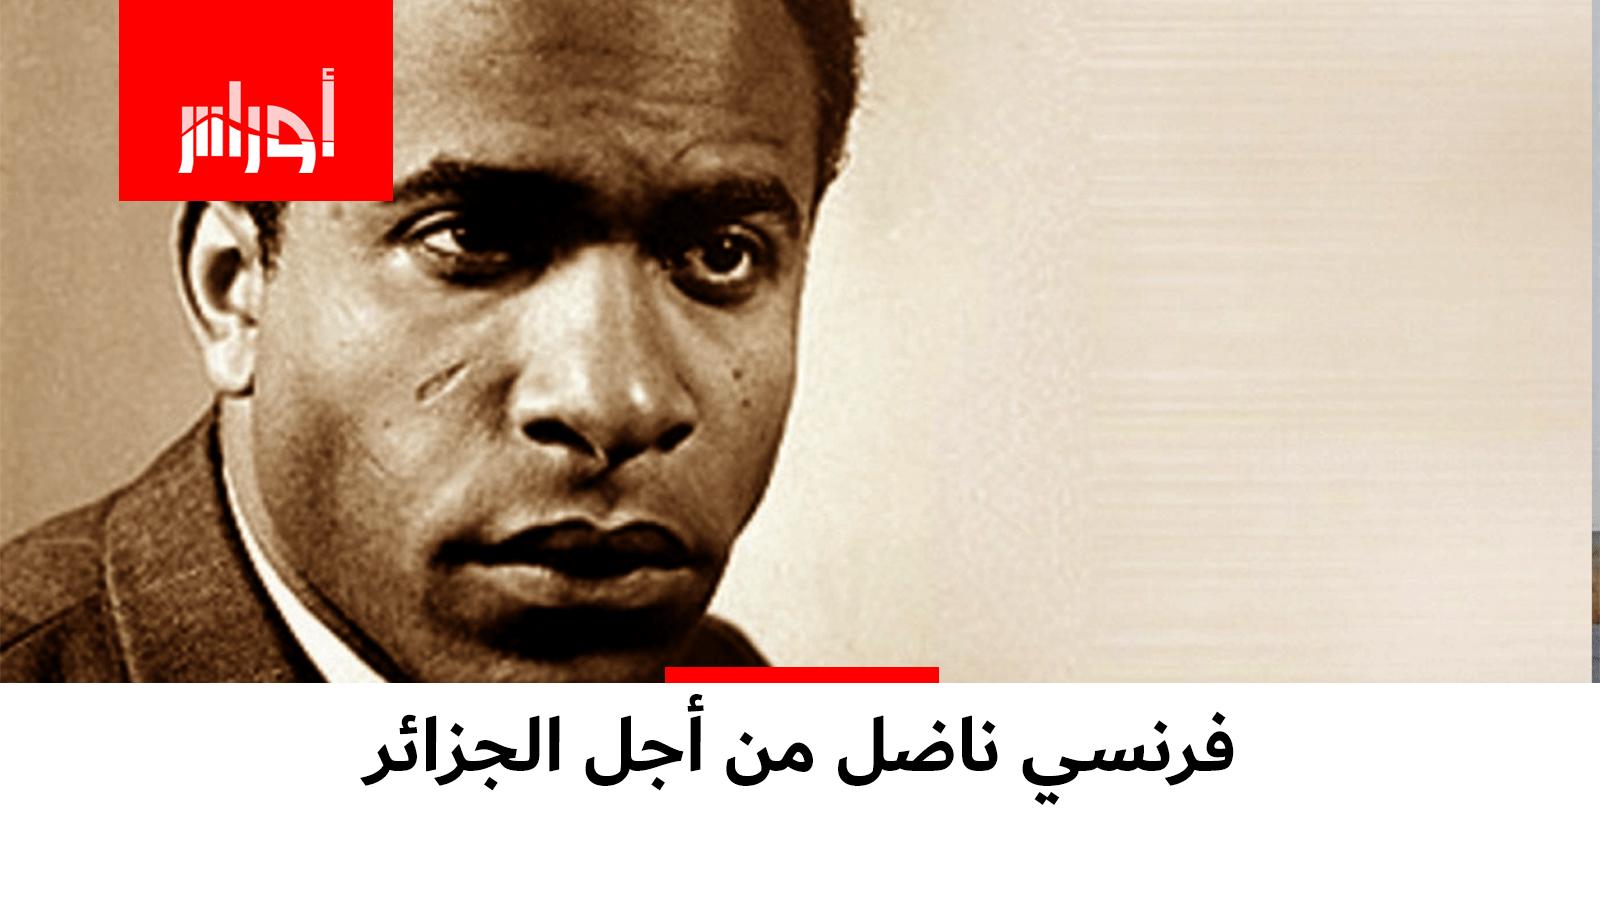 فرنسا تدشن شارعا باسم المناضل فرانس فانون.. ماذا تعرفون عن هذا الرجل؟